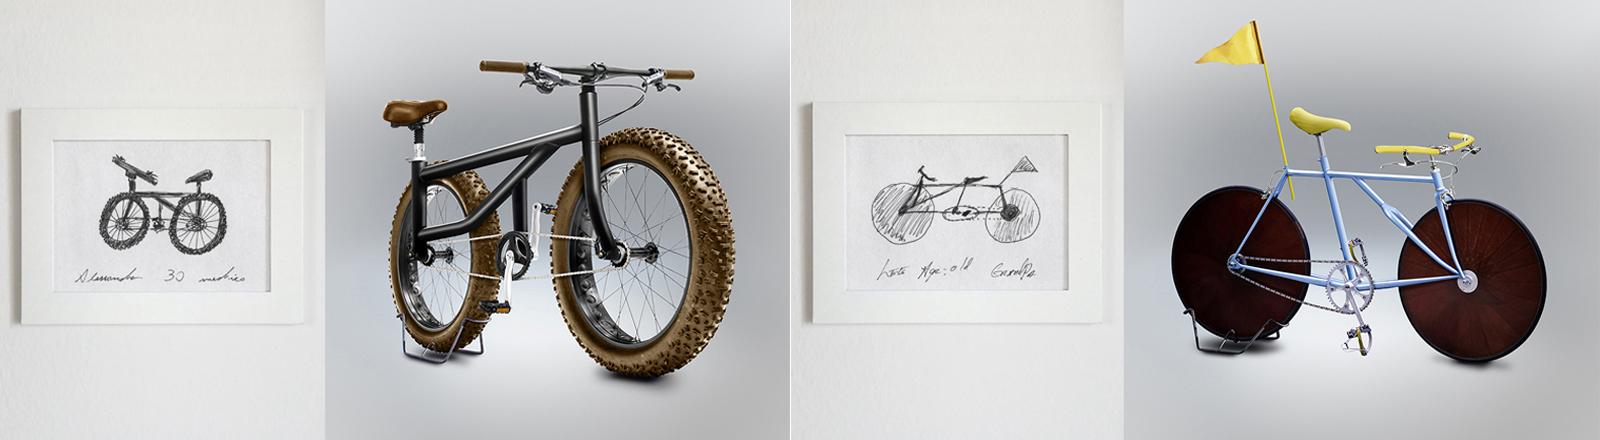 Fahrräder nach einer Zeichnung designed